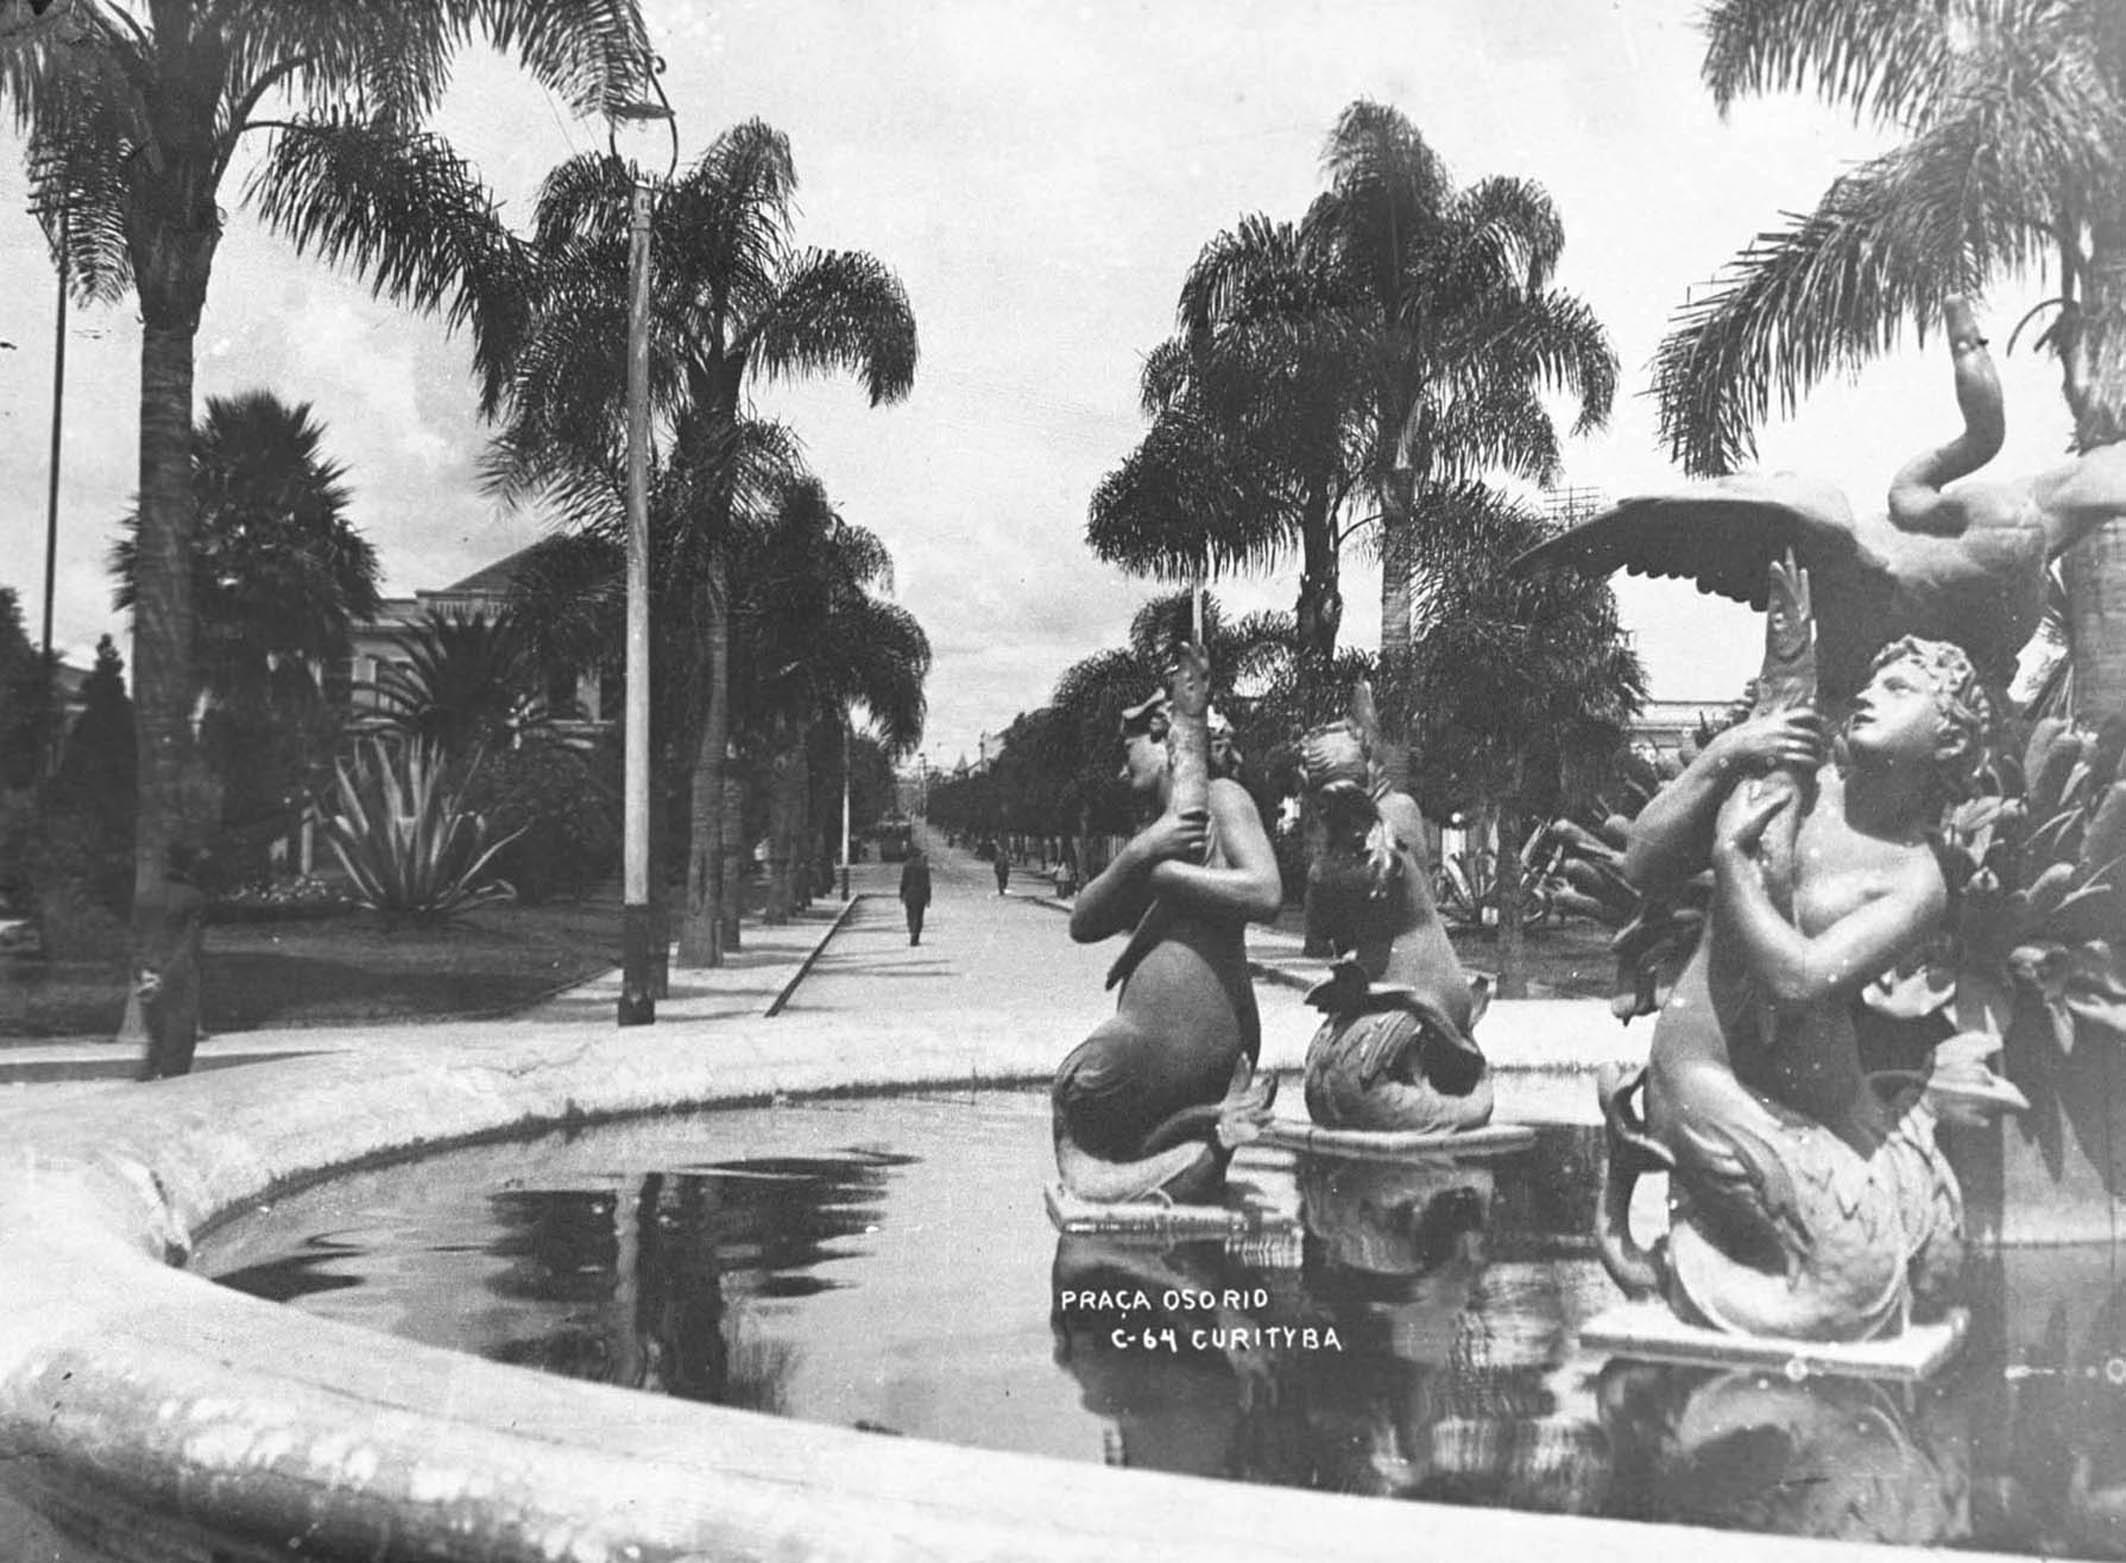 Cartão Postal mostrando, em primeiro plano, o repuxo circular e suas estátuas em bronze (do cisne e das sereias) da Praça Osório, que foram trazidas da Europa na metade da década de 1910.